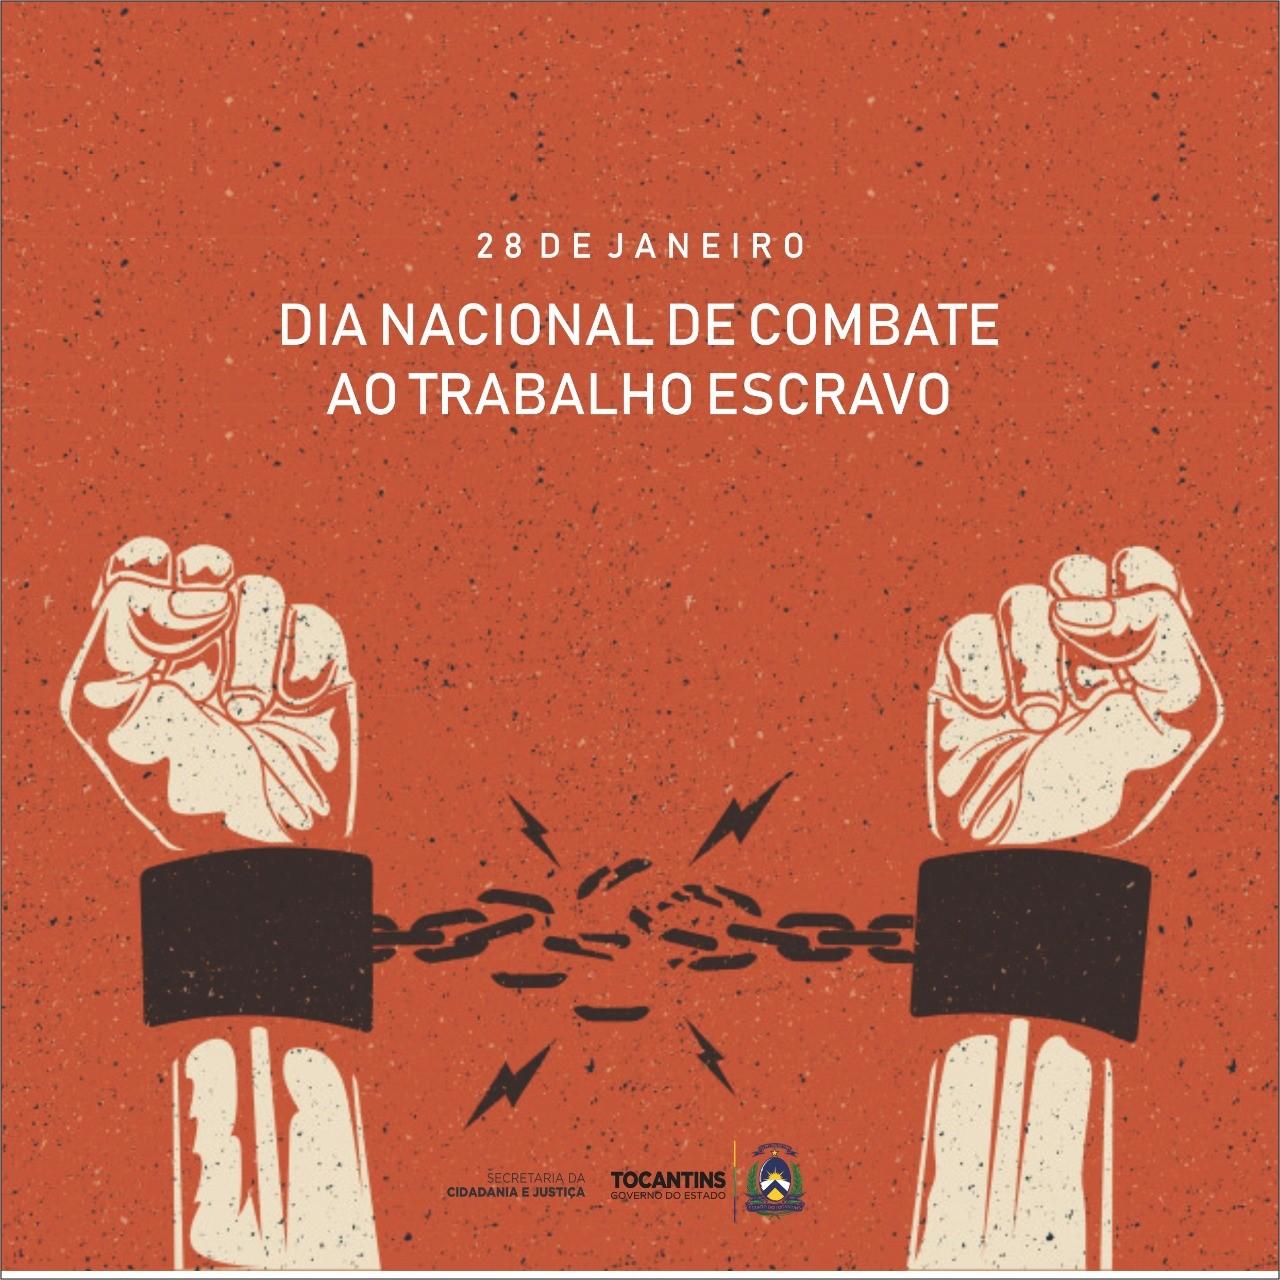 Combate ao Trabalho Escravo uma iniciativa de órgãos públicos e sociedade civil no Tocantins